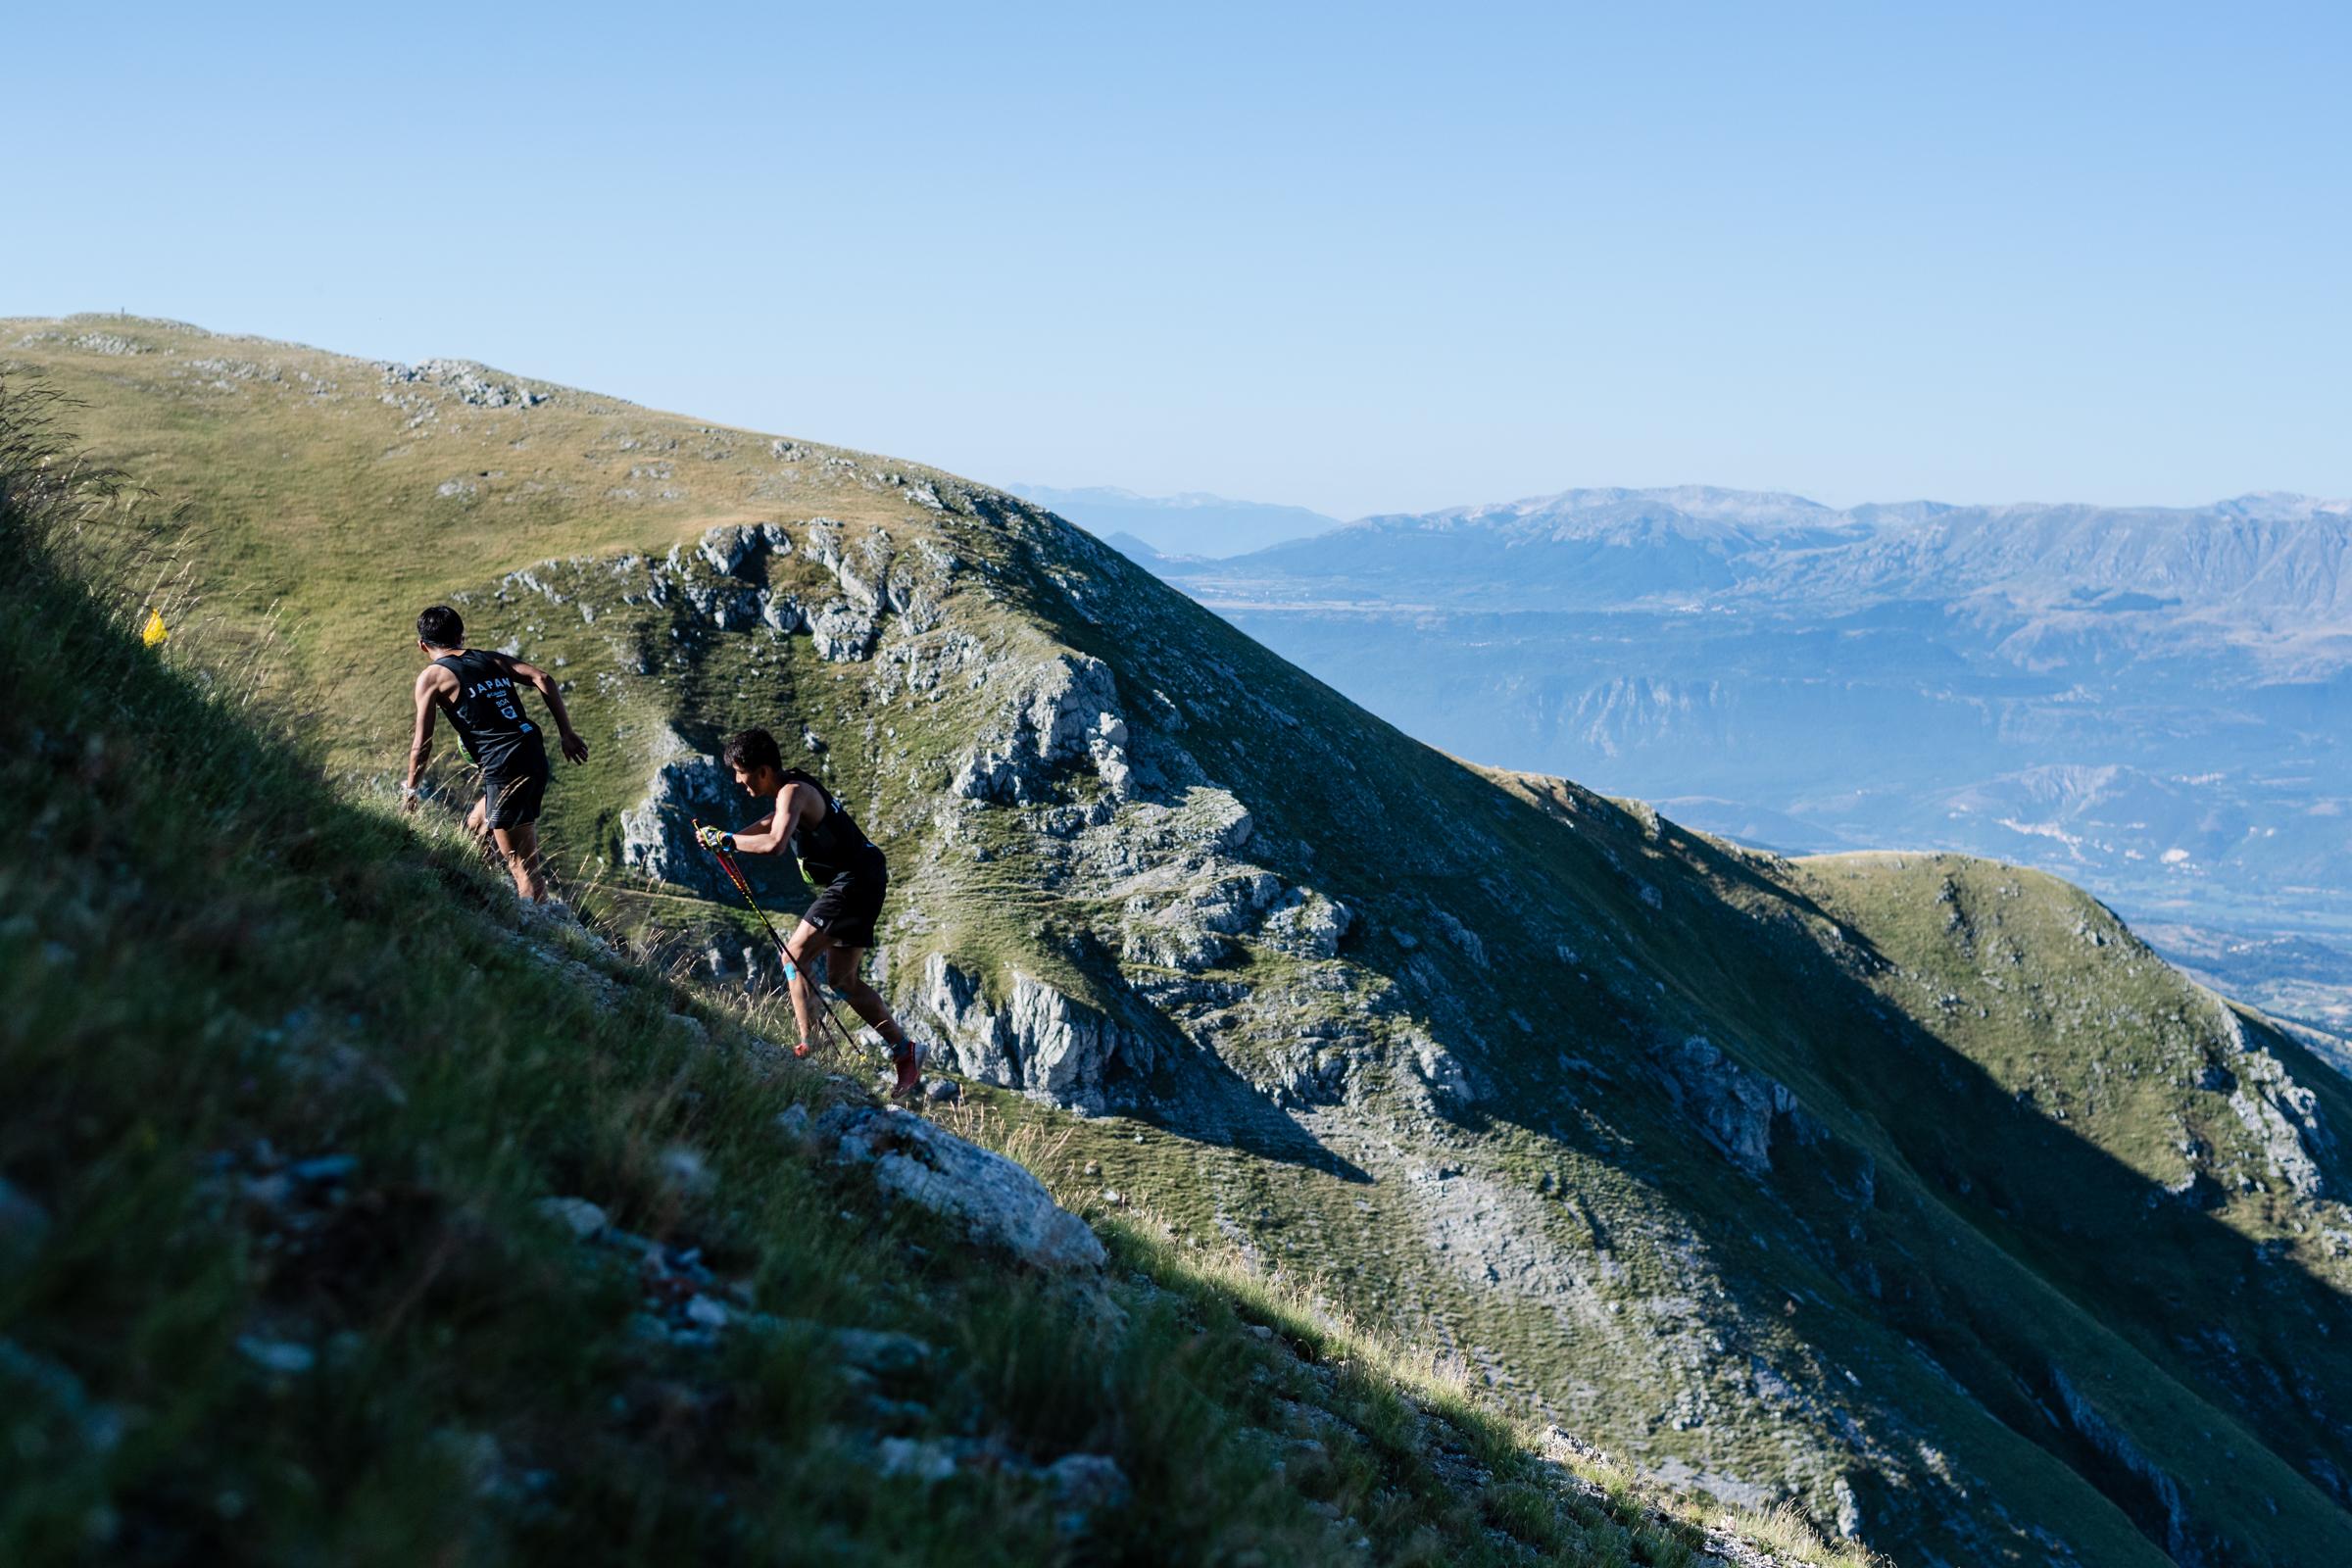 スカイランニングという名称は山岳を空に向かって駆け登ることからきている ©NAGI MUROFUSHI